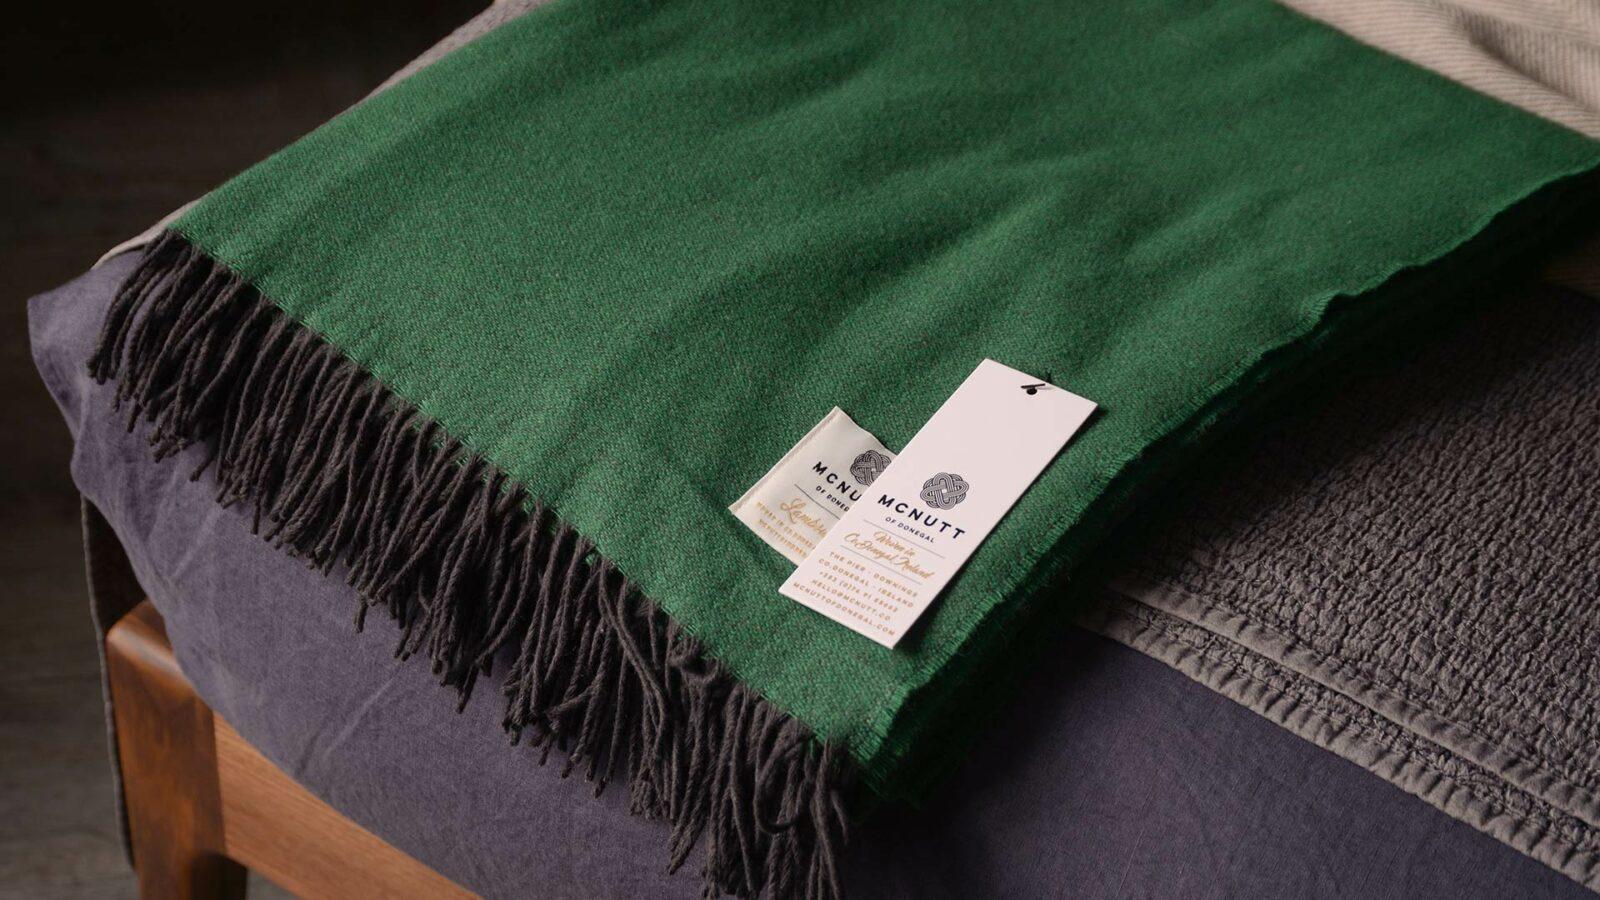 emerald green merino lambswool throw with dark fringing